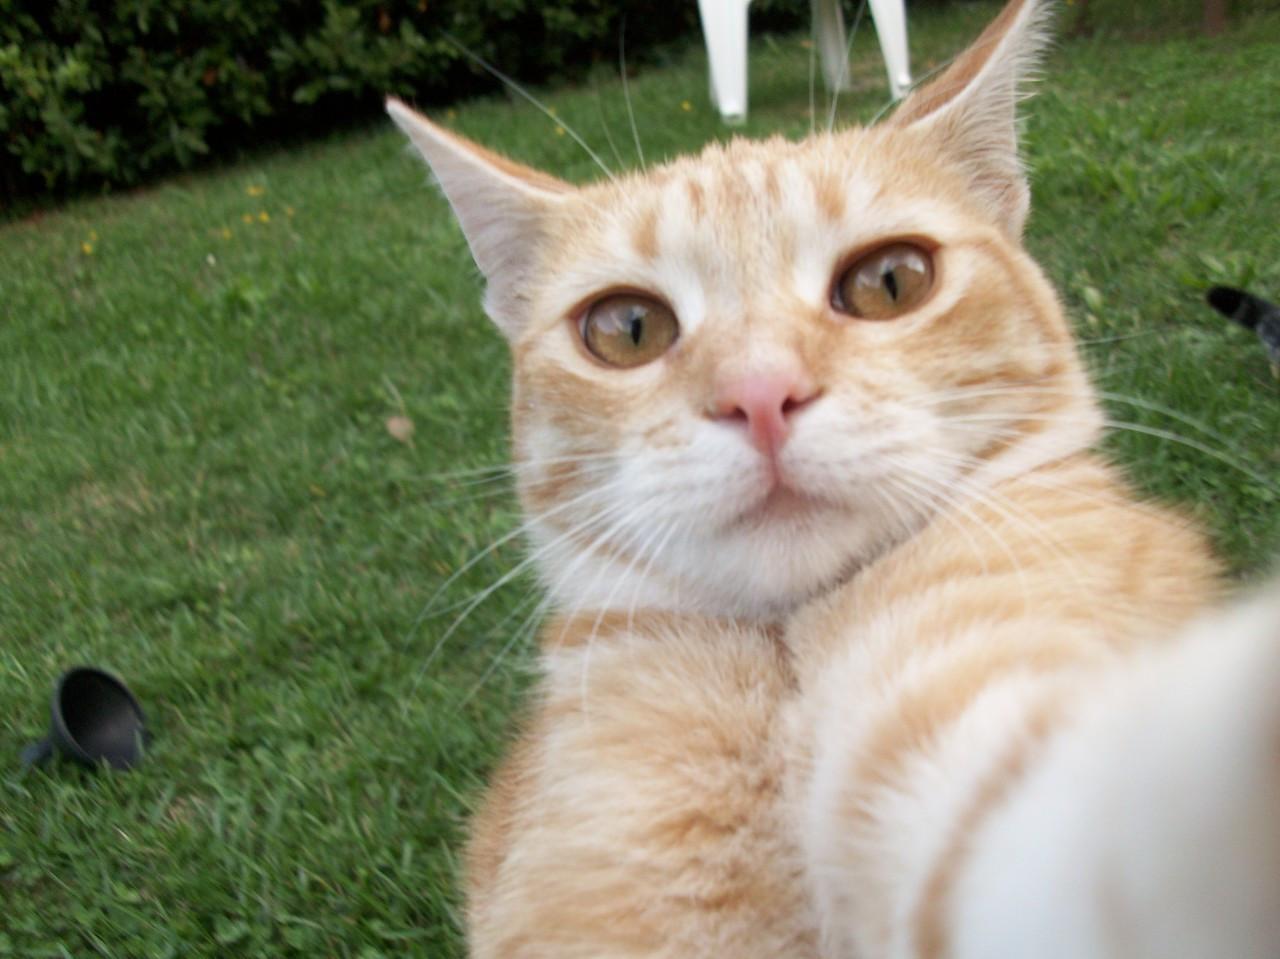 權威學術期刊證明,貓咪其實可以聽懂你叫它,鏟屎官你盡管大聲喊_名字